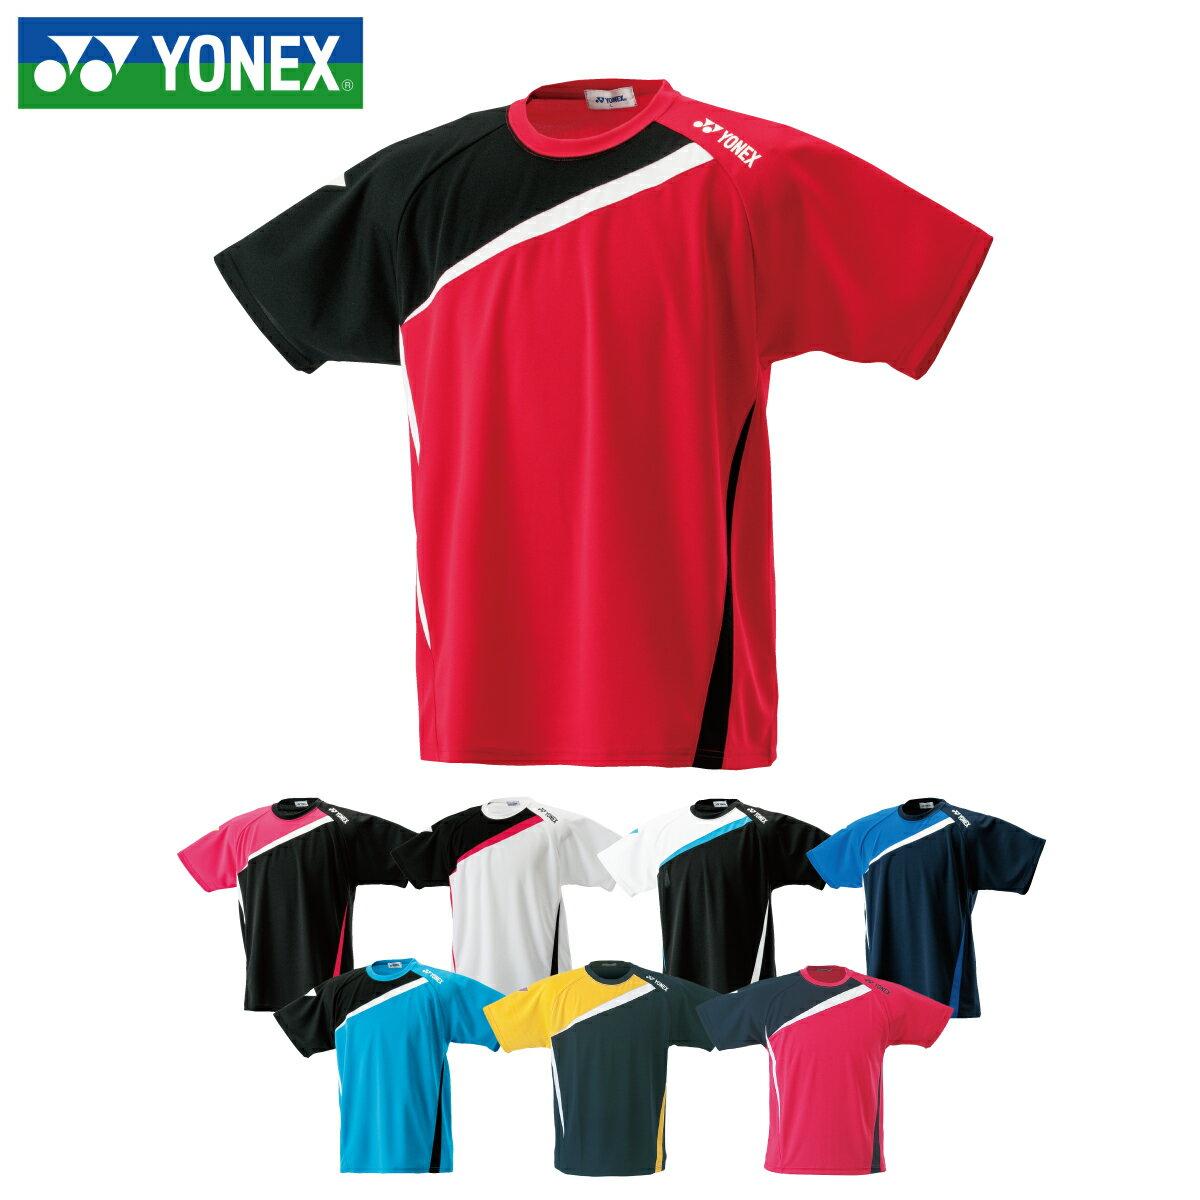 ヨネックス テニス アシンメトリーTシャツ 半袖 メンズ レディース RWHI1601 YONEX